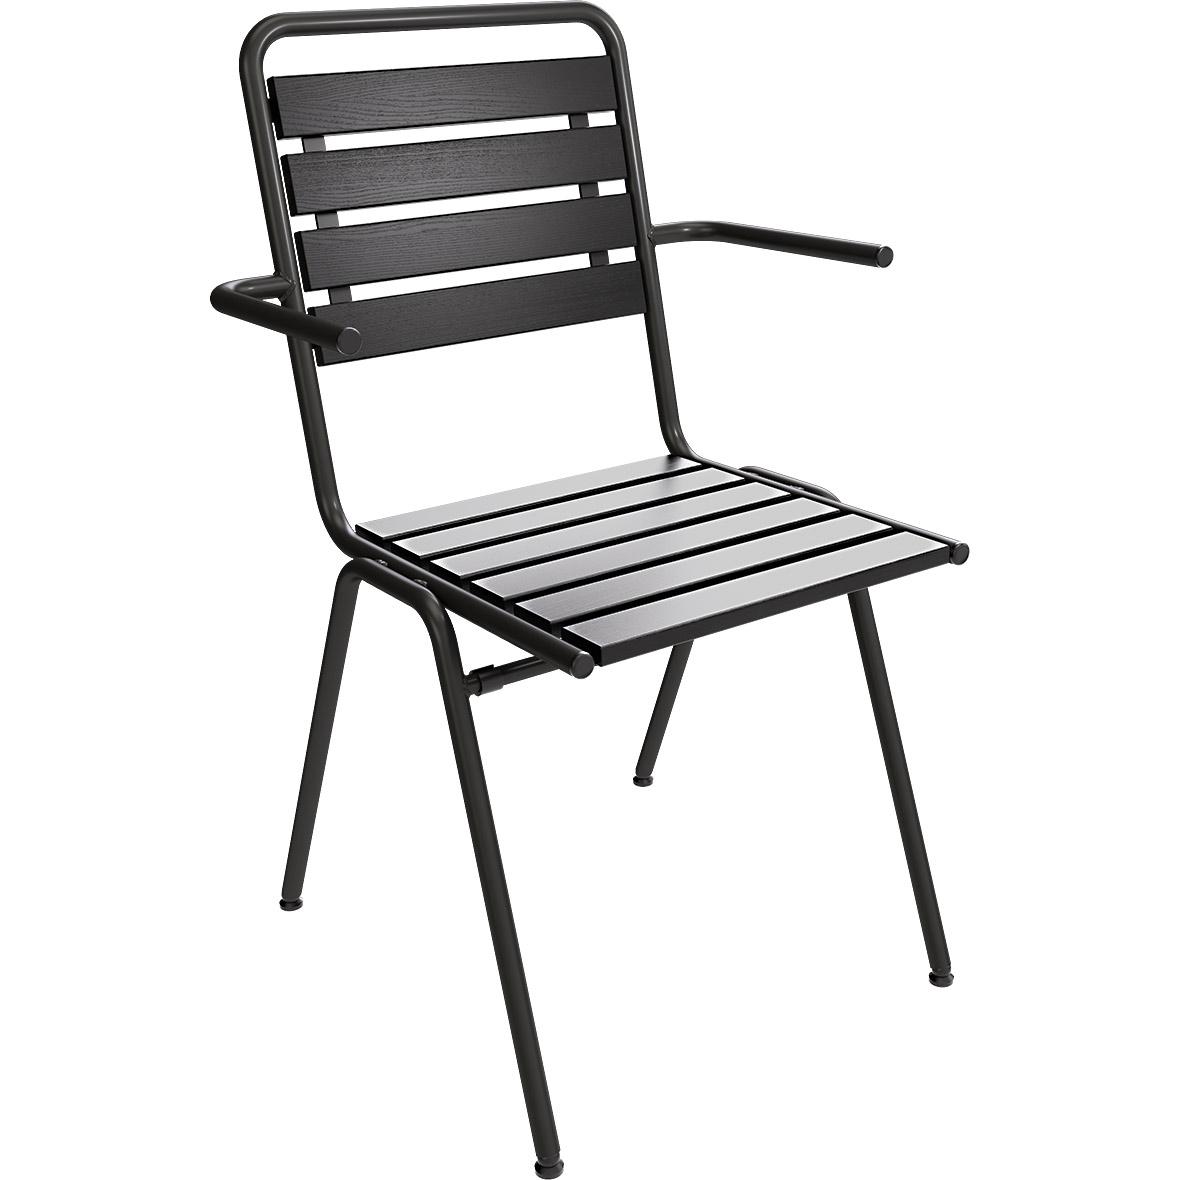 Gartenstuhl Stol Absolut Black mit Armlehne – Special Edition